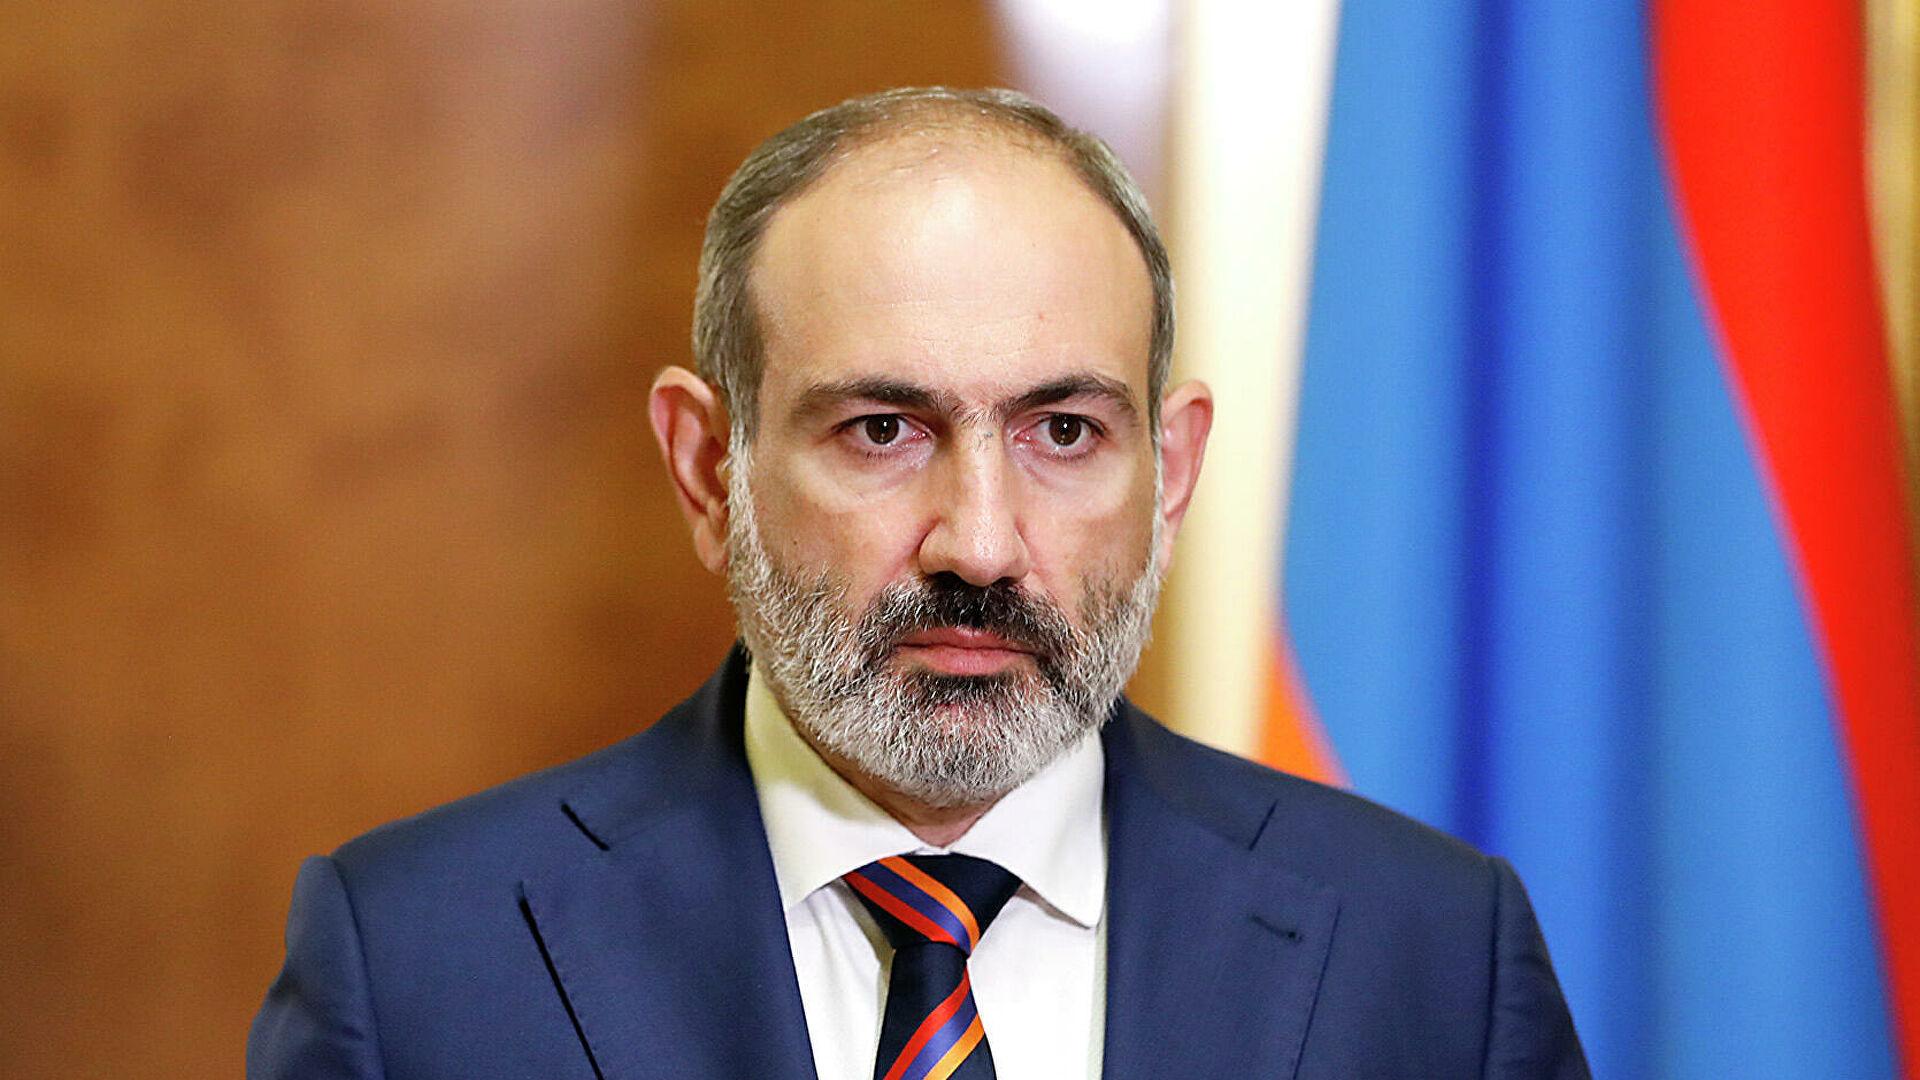 Obraćanje jermenskog premijera naciji: Njihova ključna meta je jermenska nacija, postavili su sebi zadatak da dovrše genocid nad Jermenima